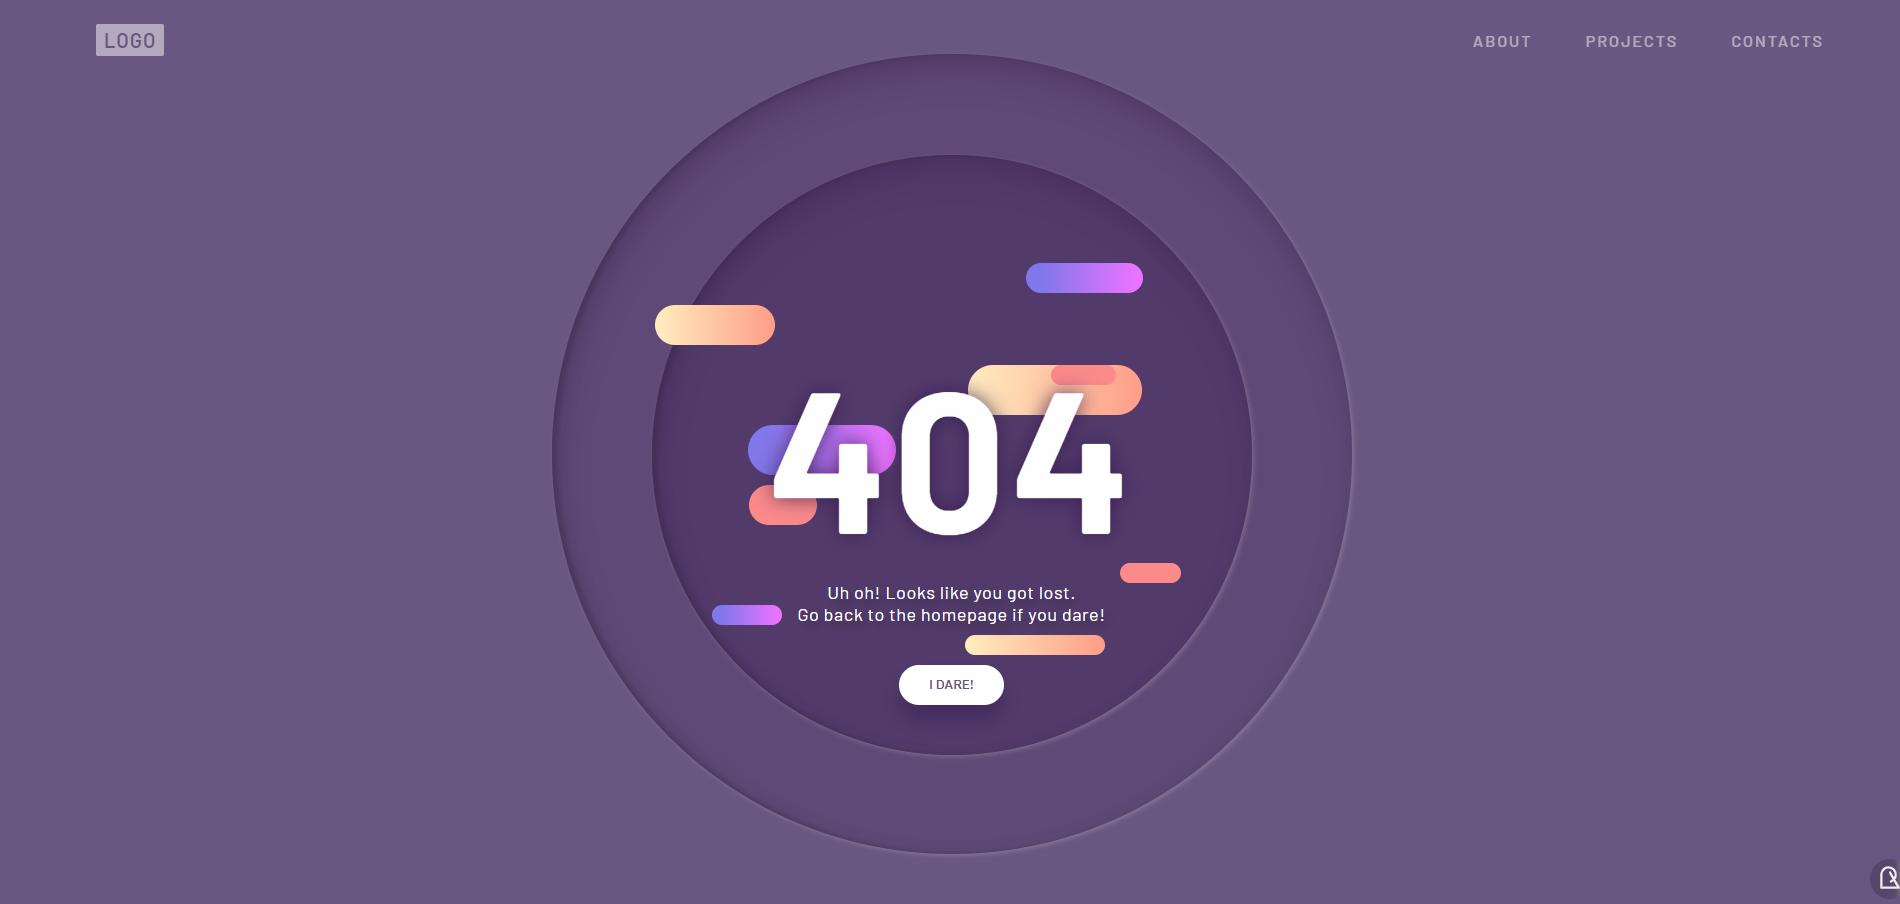 超好看的404提示页面